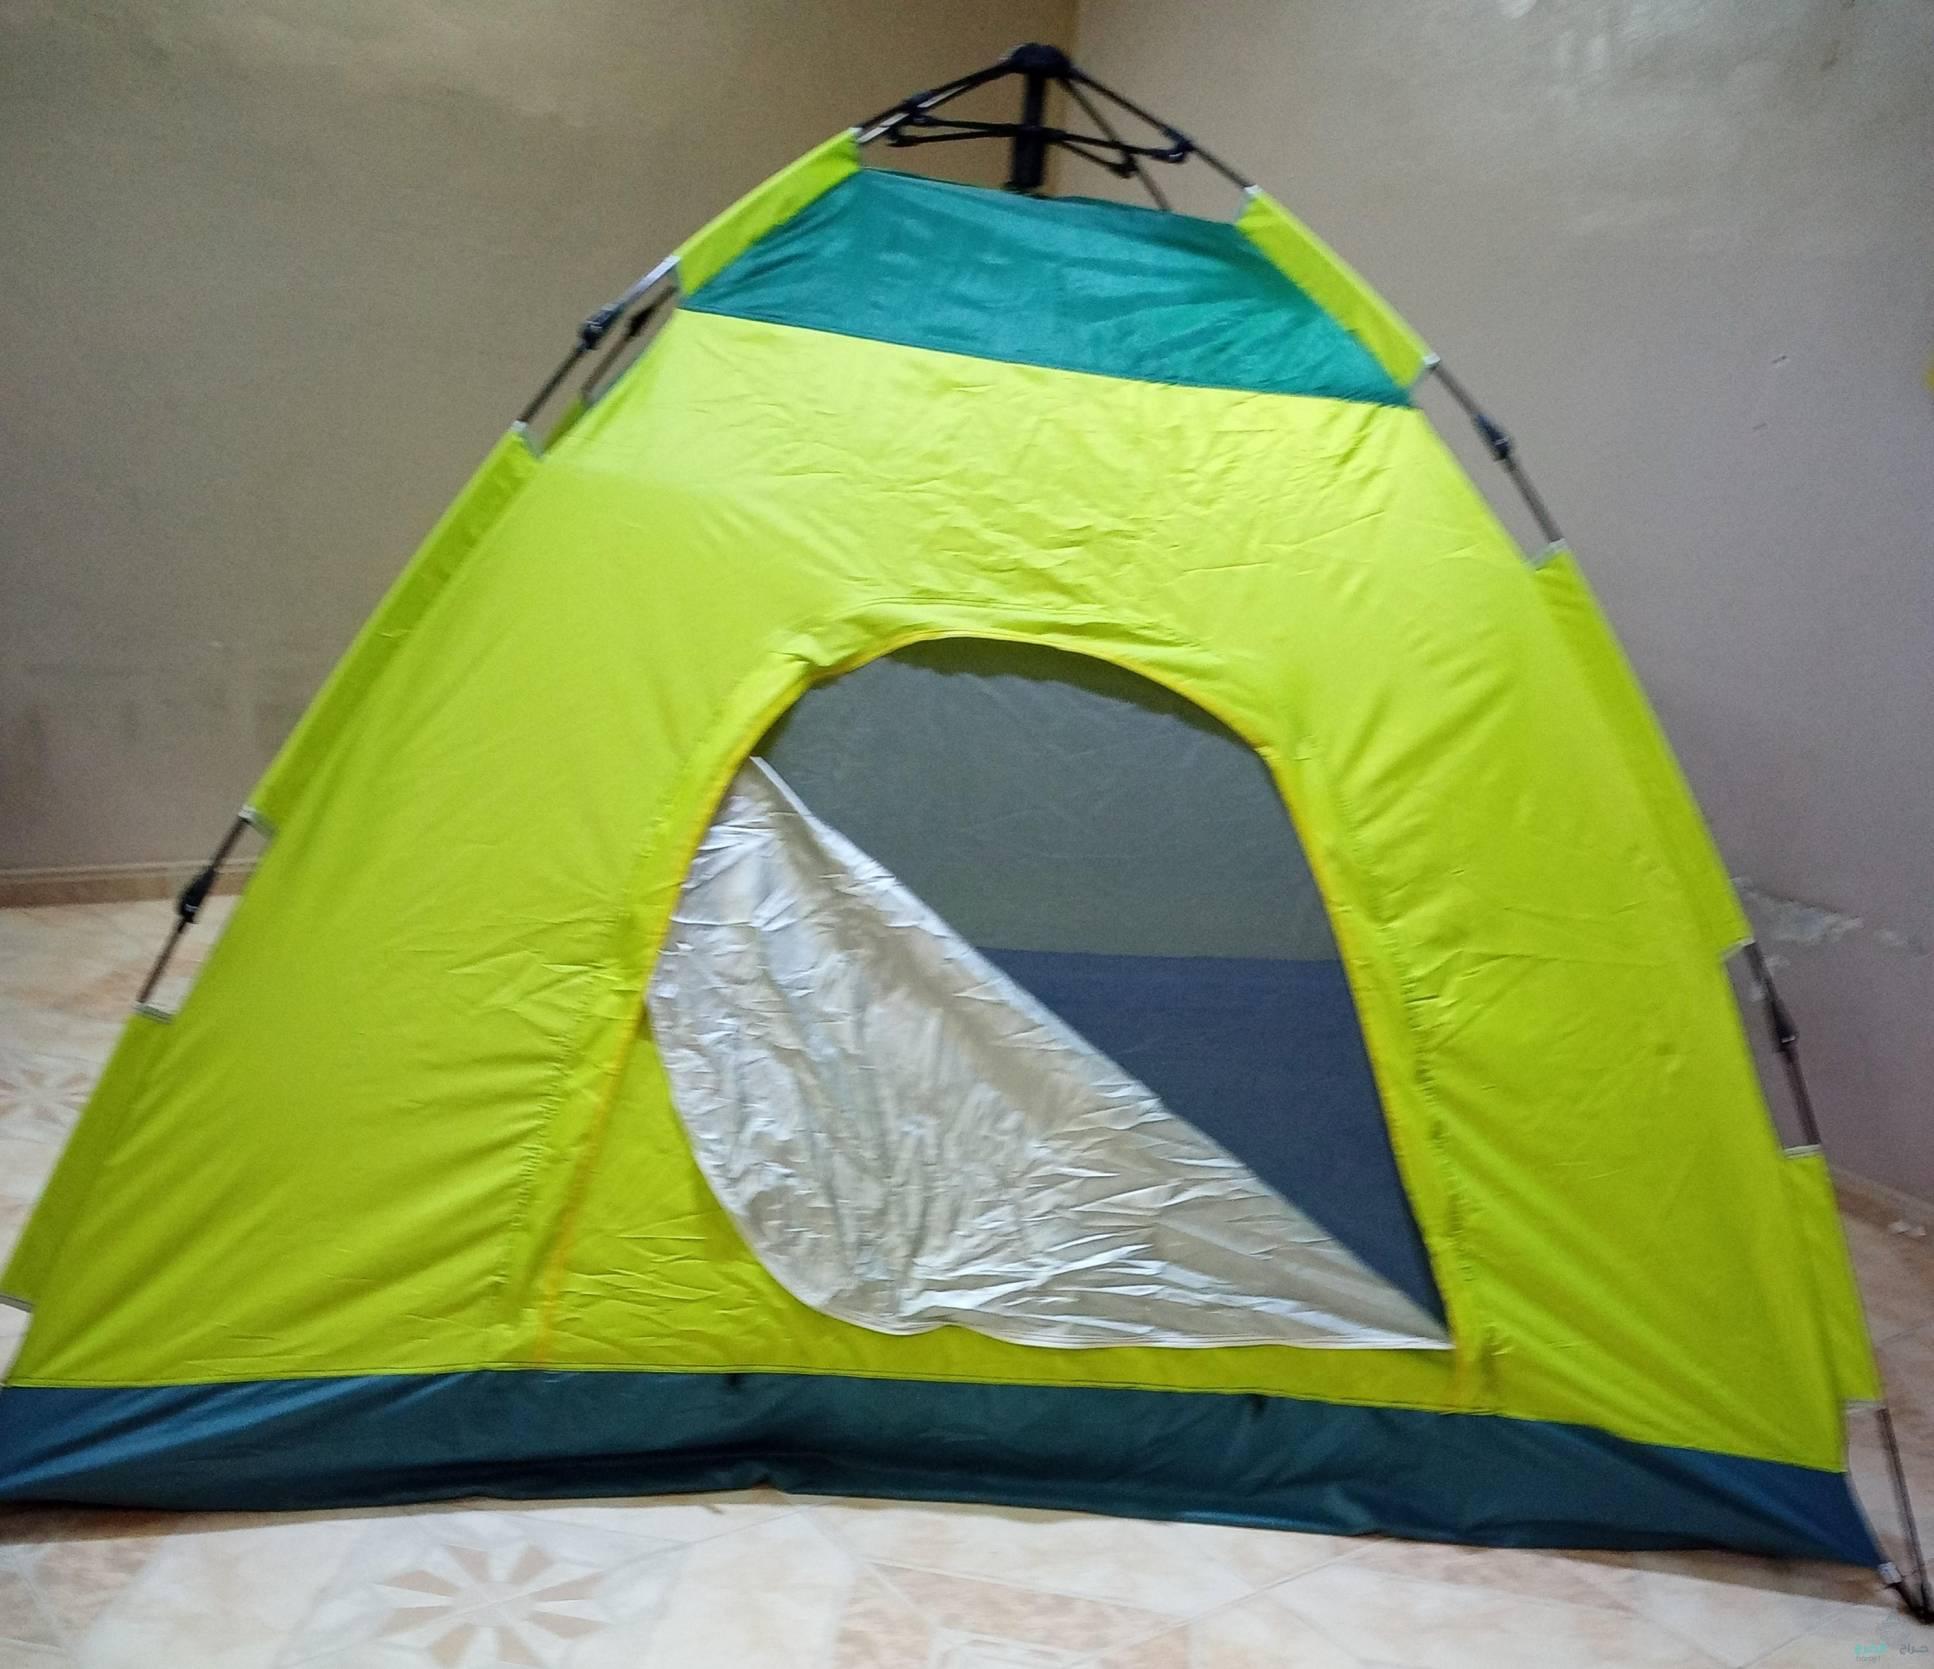 خيمة قابله للطئ تتسع 8 أشخاص